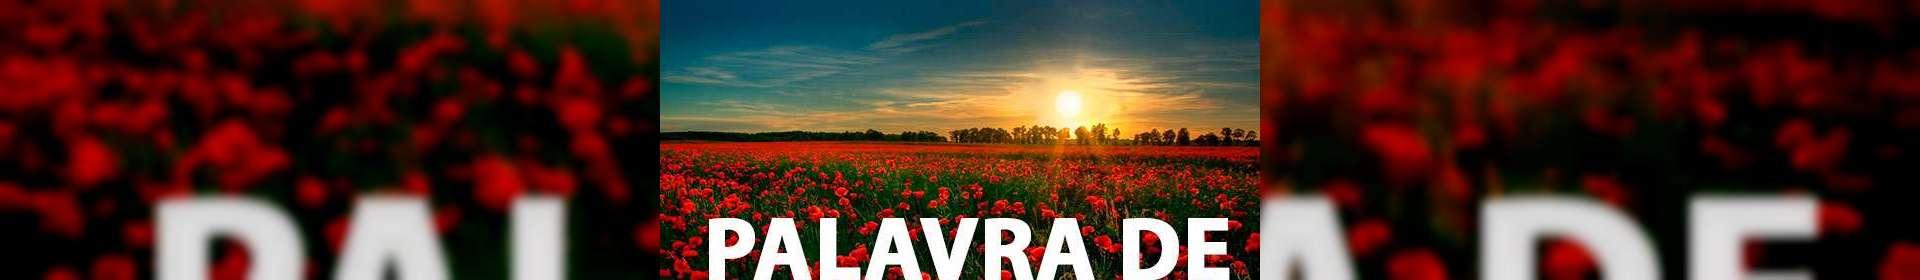 Salmos 79:11 - Uma Palavra de Esperança para sua vida